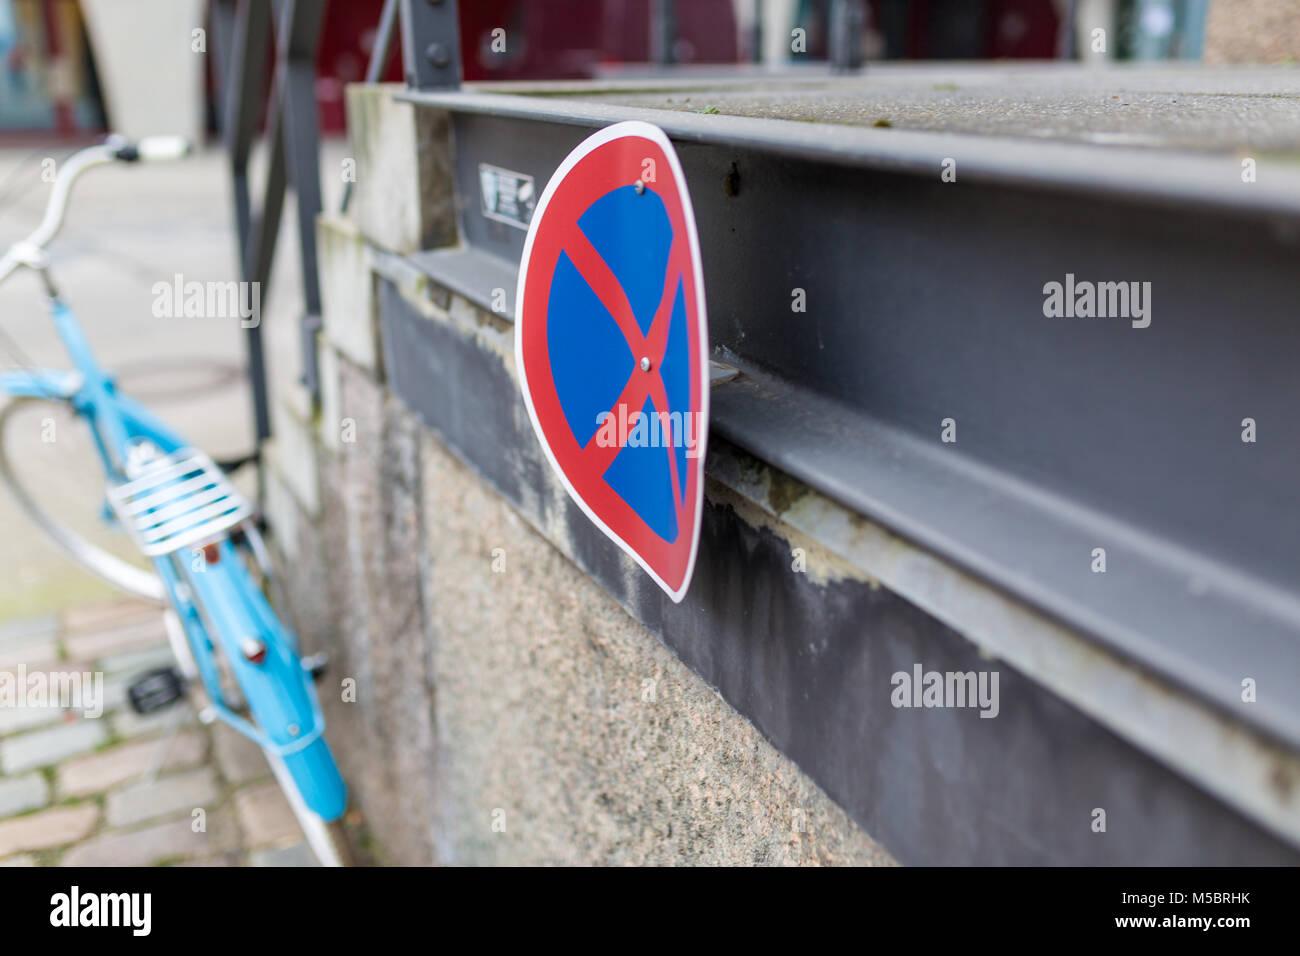 Fahrrad in hellblau ist an einem Geländer angekettet ohne Sattel - Stock Image